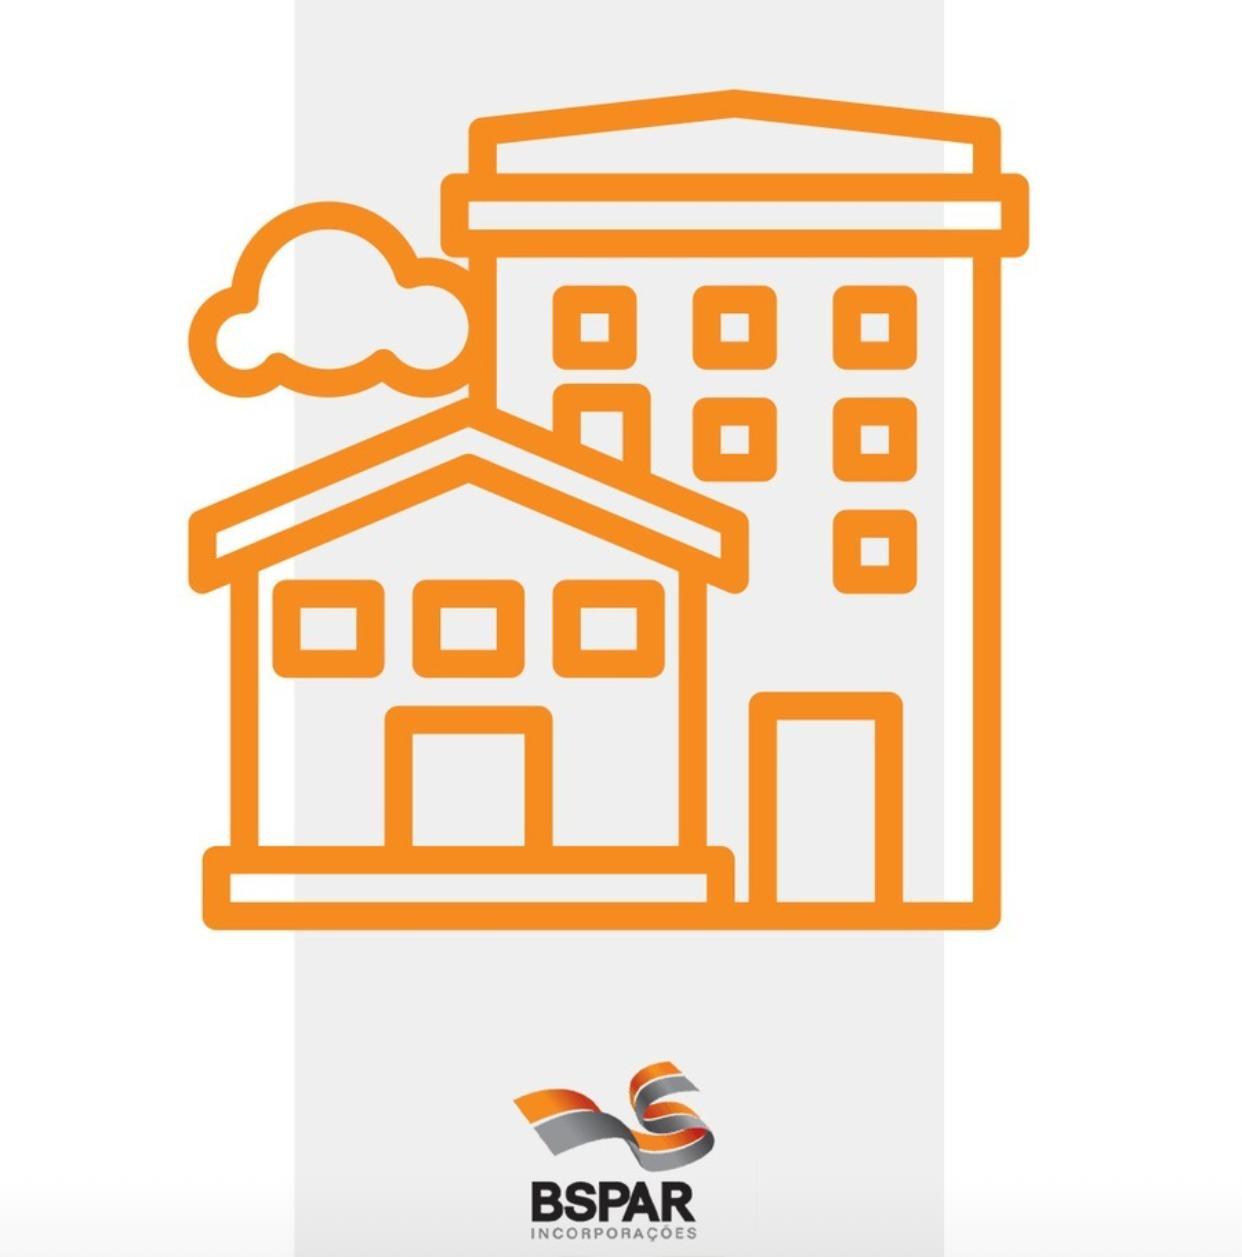 Grupo BSPAR cria campanha virtual para conscientização sobre o Novo Coronavírus